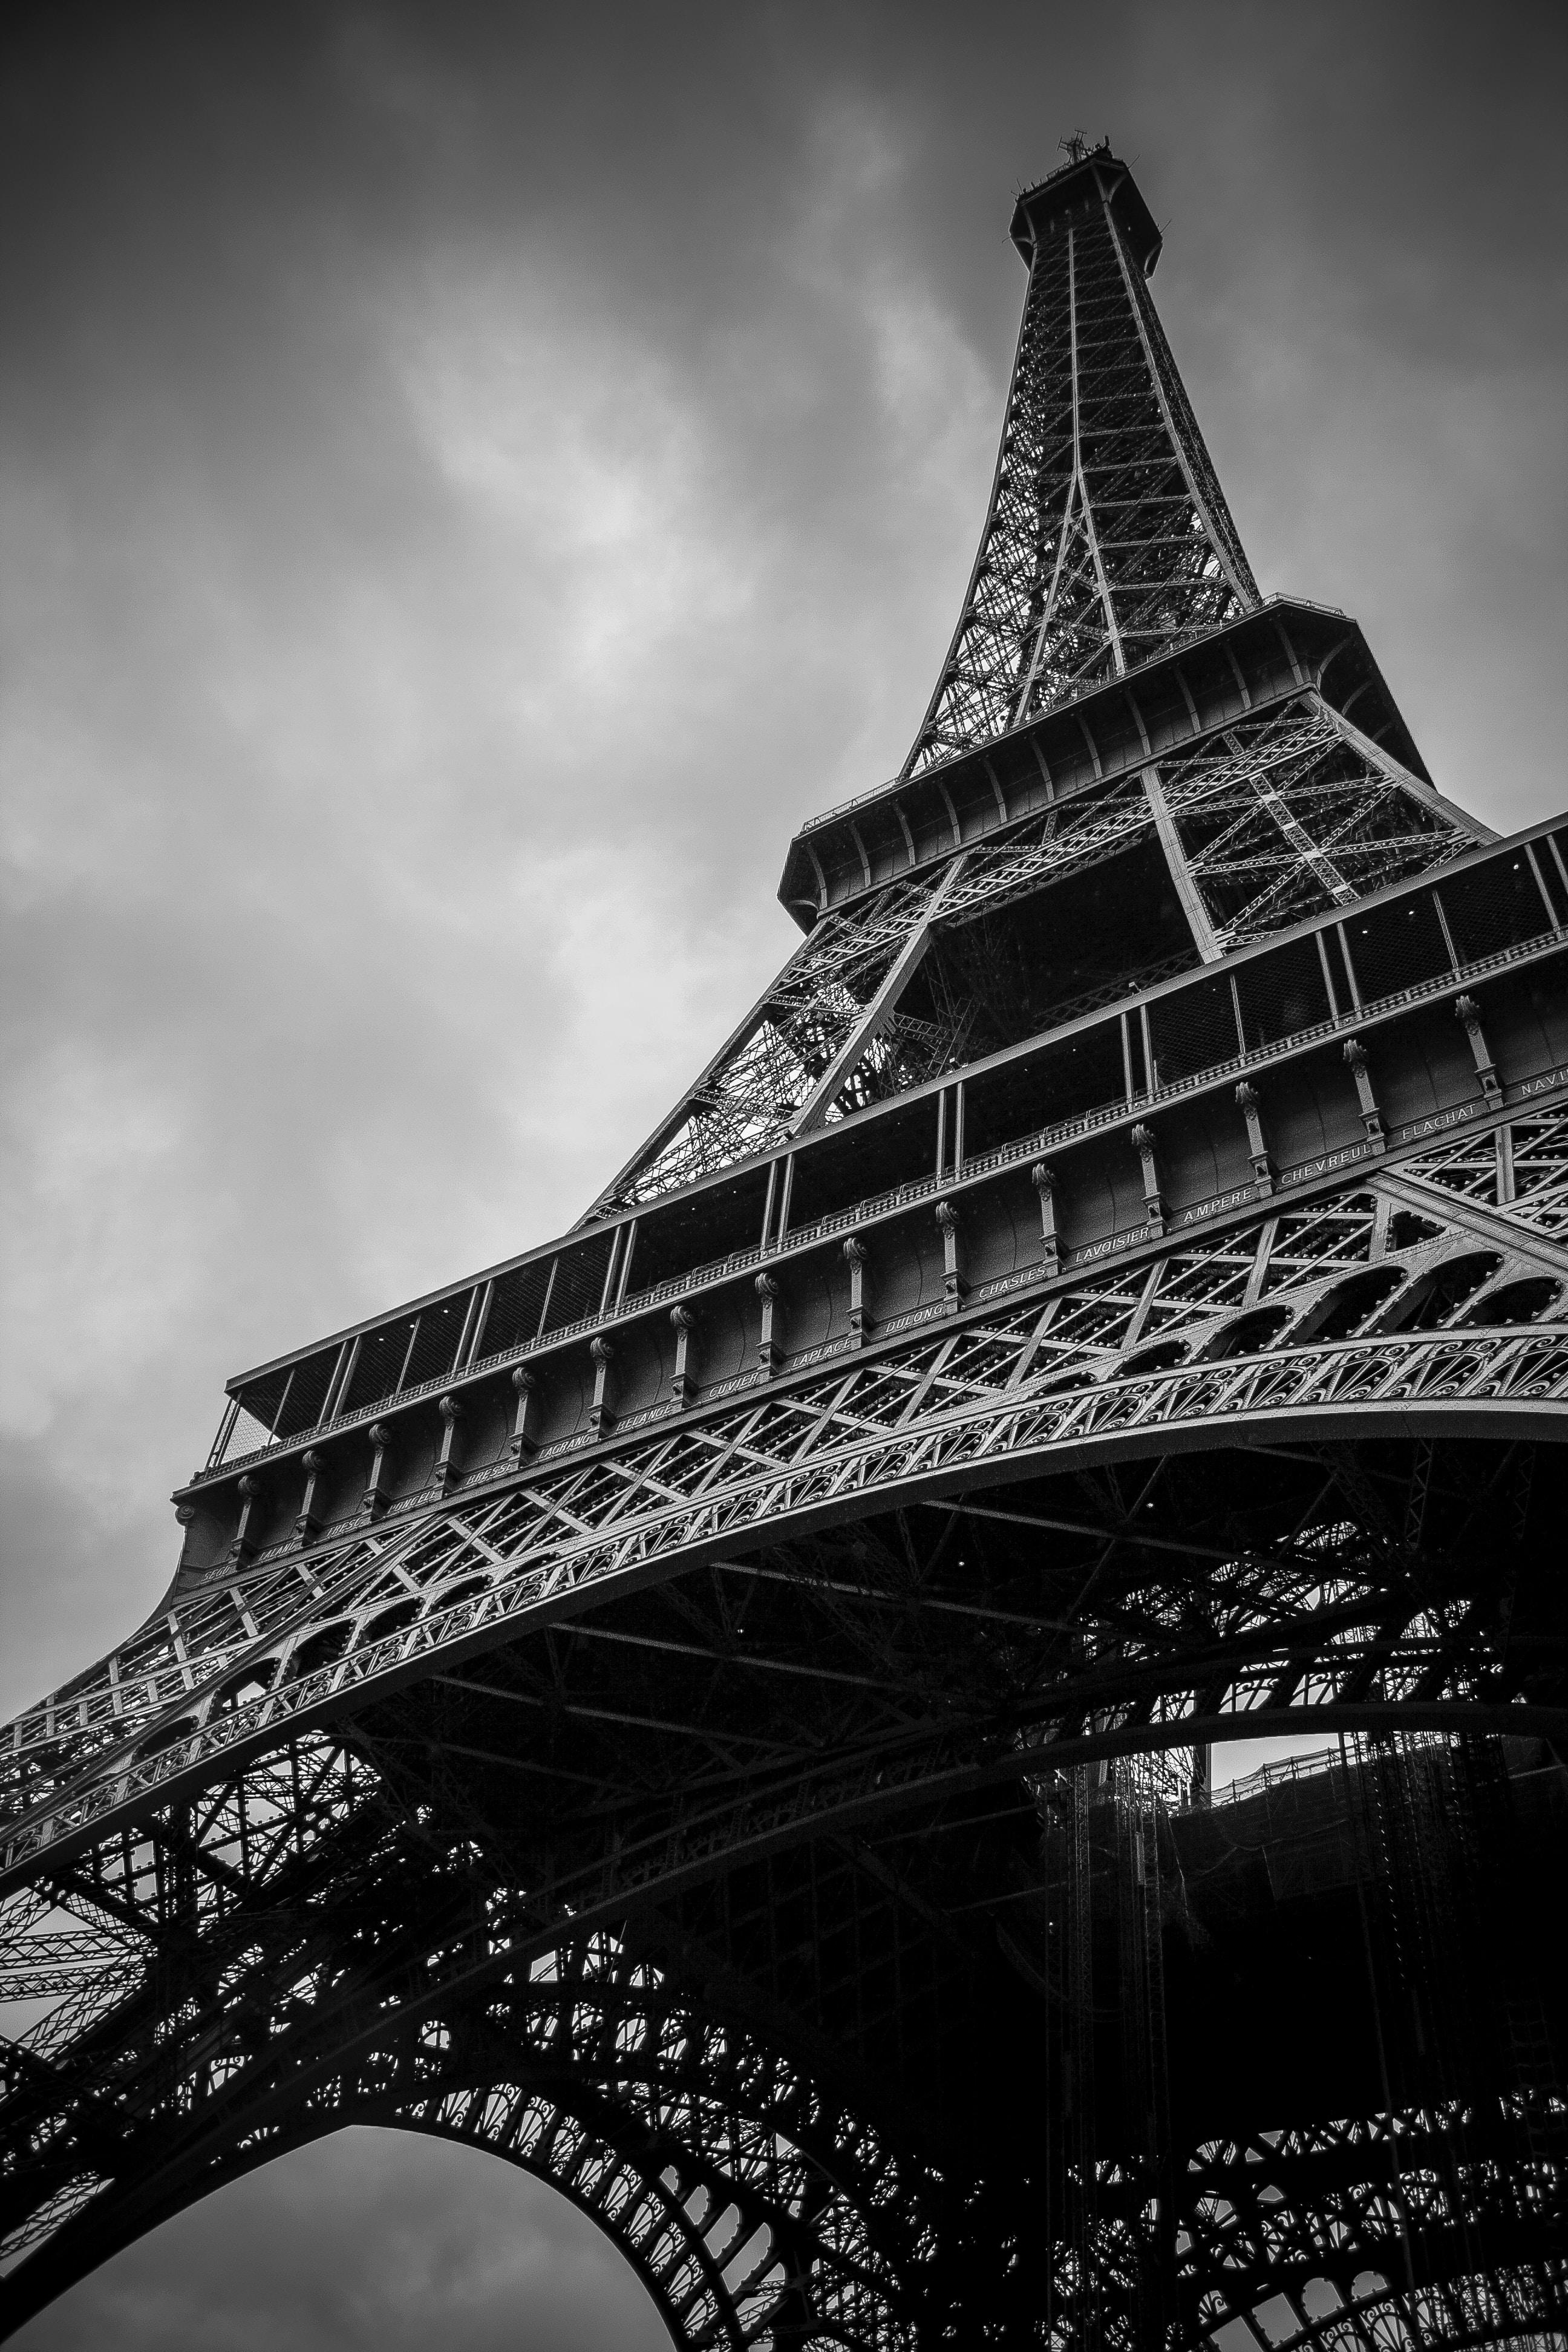 Schwarz-weiß Foto des Eifelturms